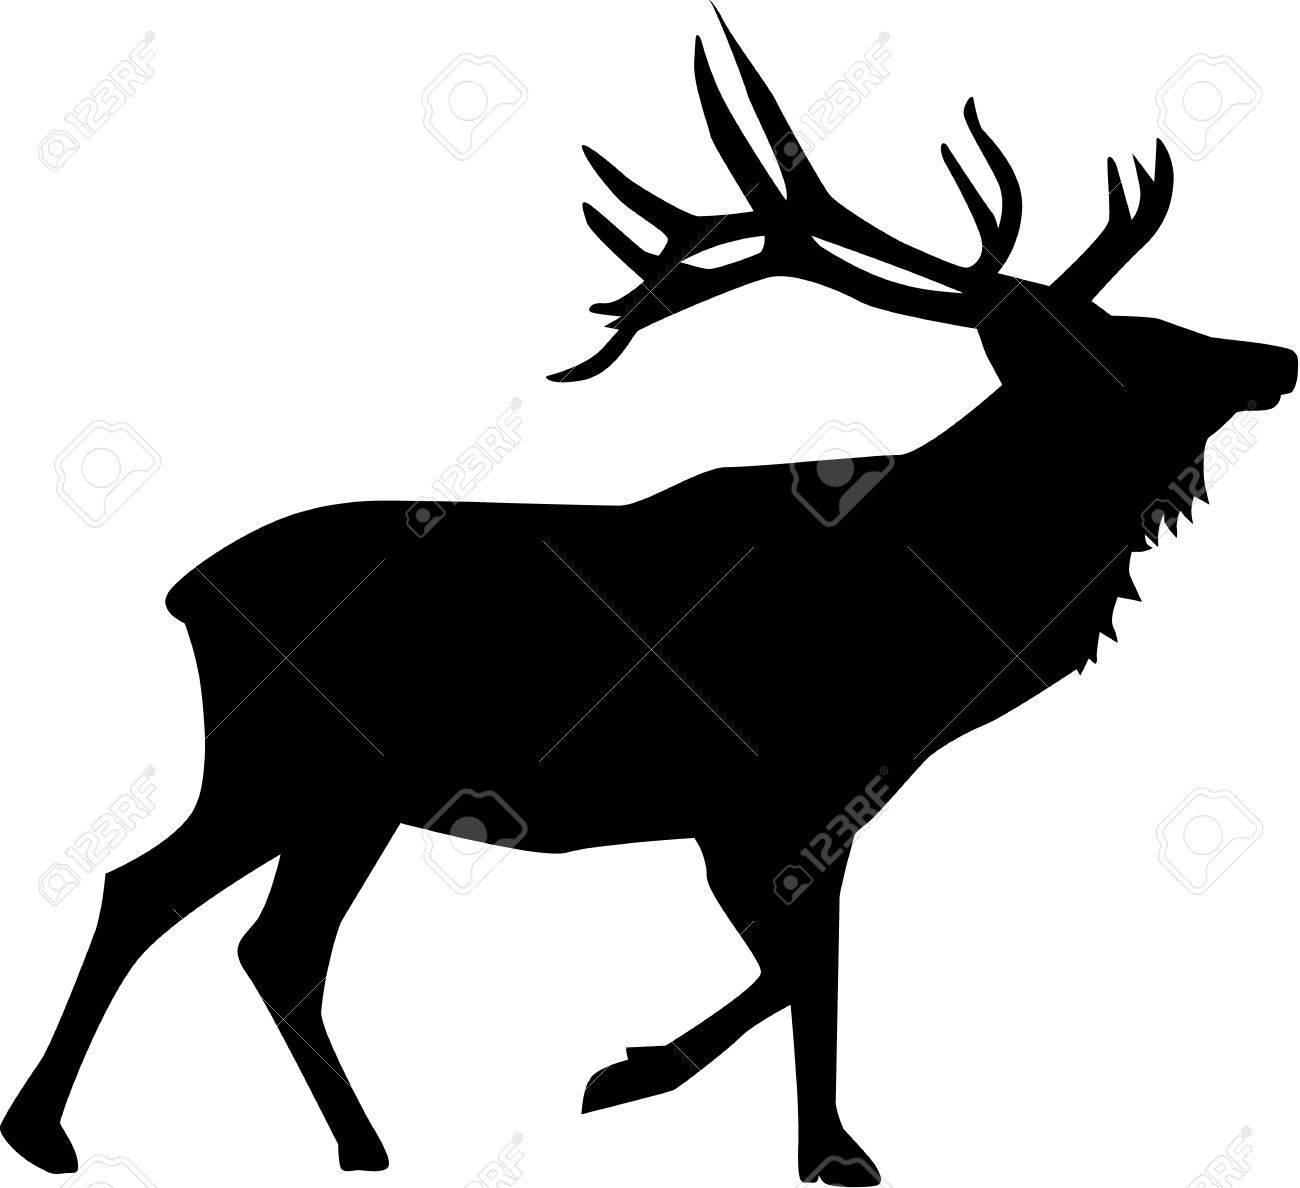 Deer silhouette - 41493103